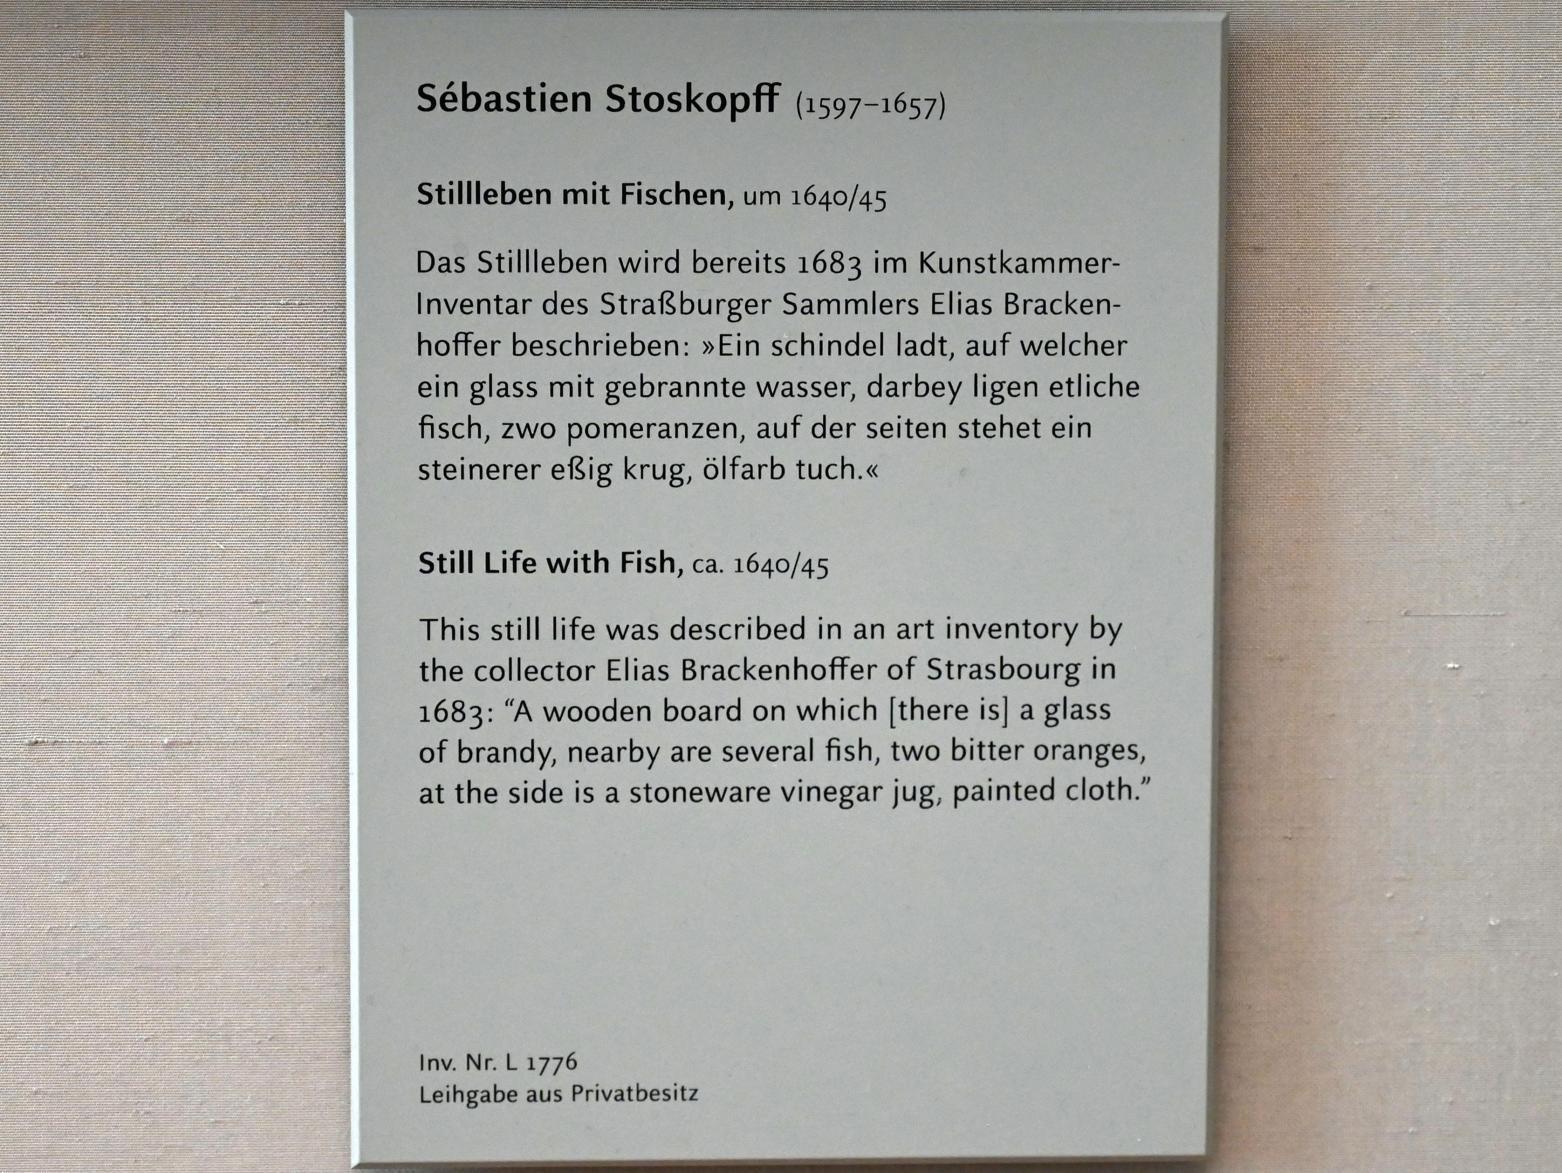 Sebastian Stoskopff: Stillleben mit Fischen, um 1640 - 1645, Bild 2/2